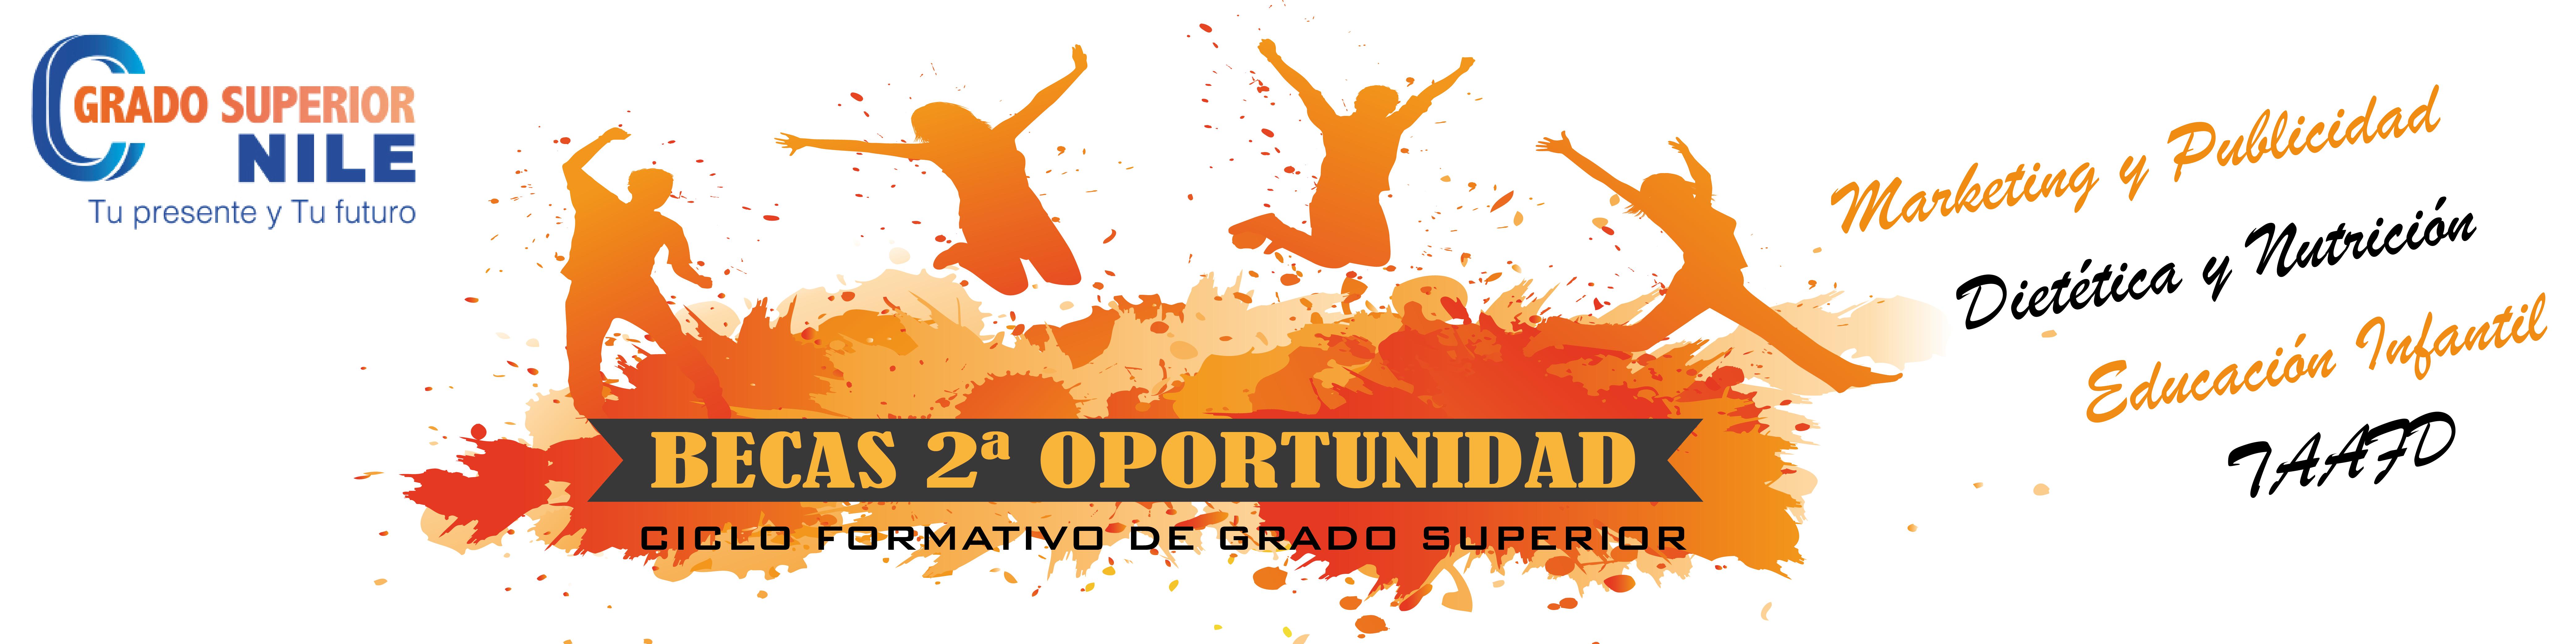 Becas De Programas De 2ª Oportunidad Ciclos Formativos